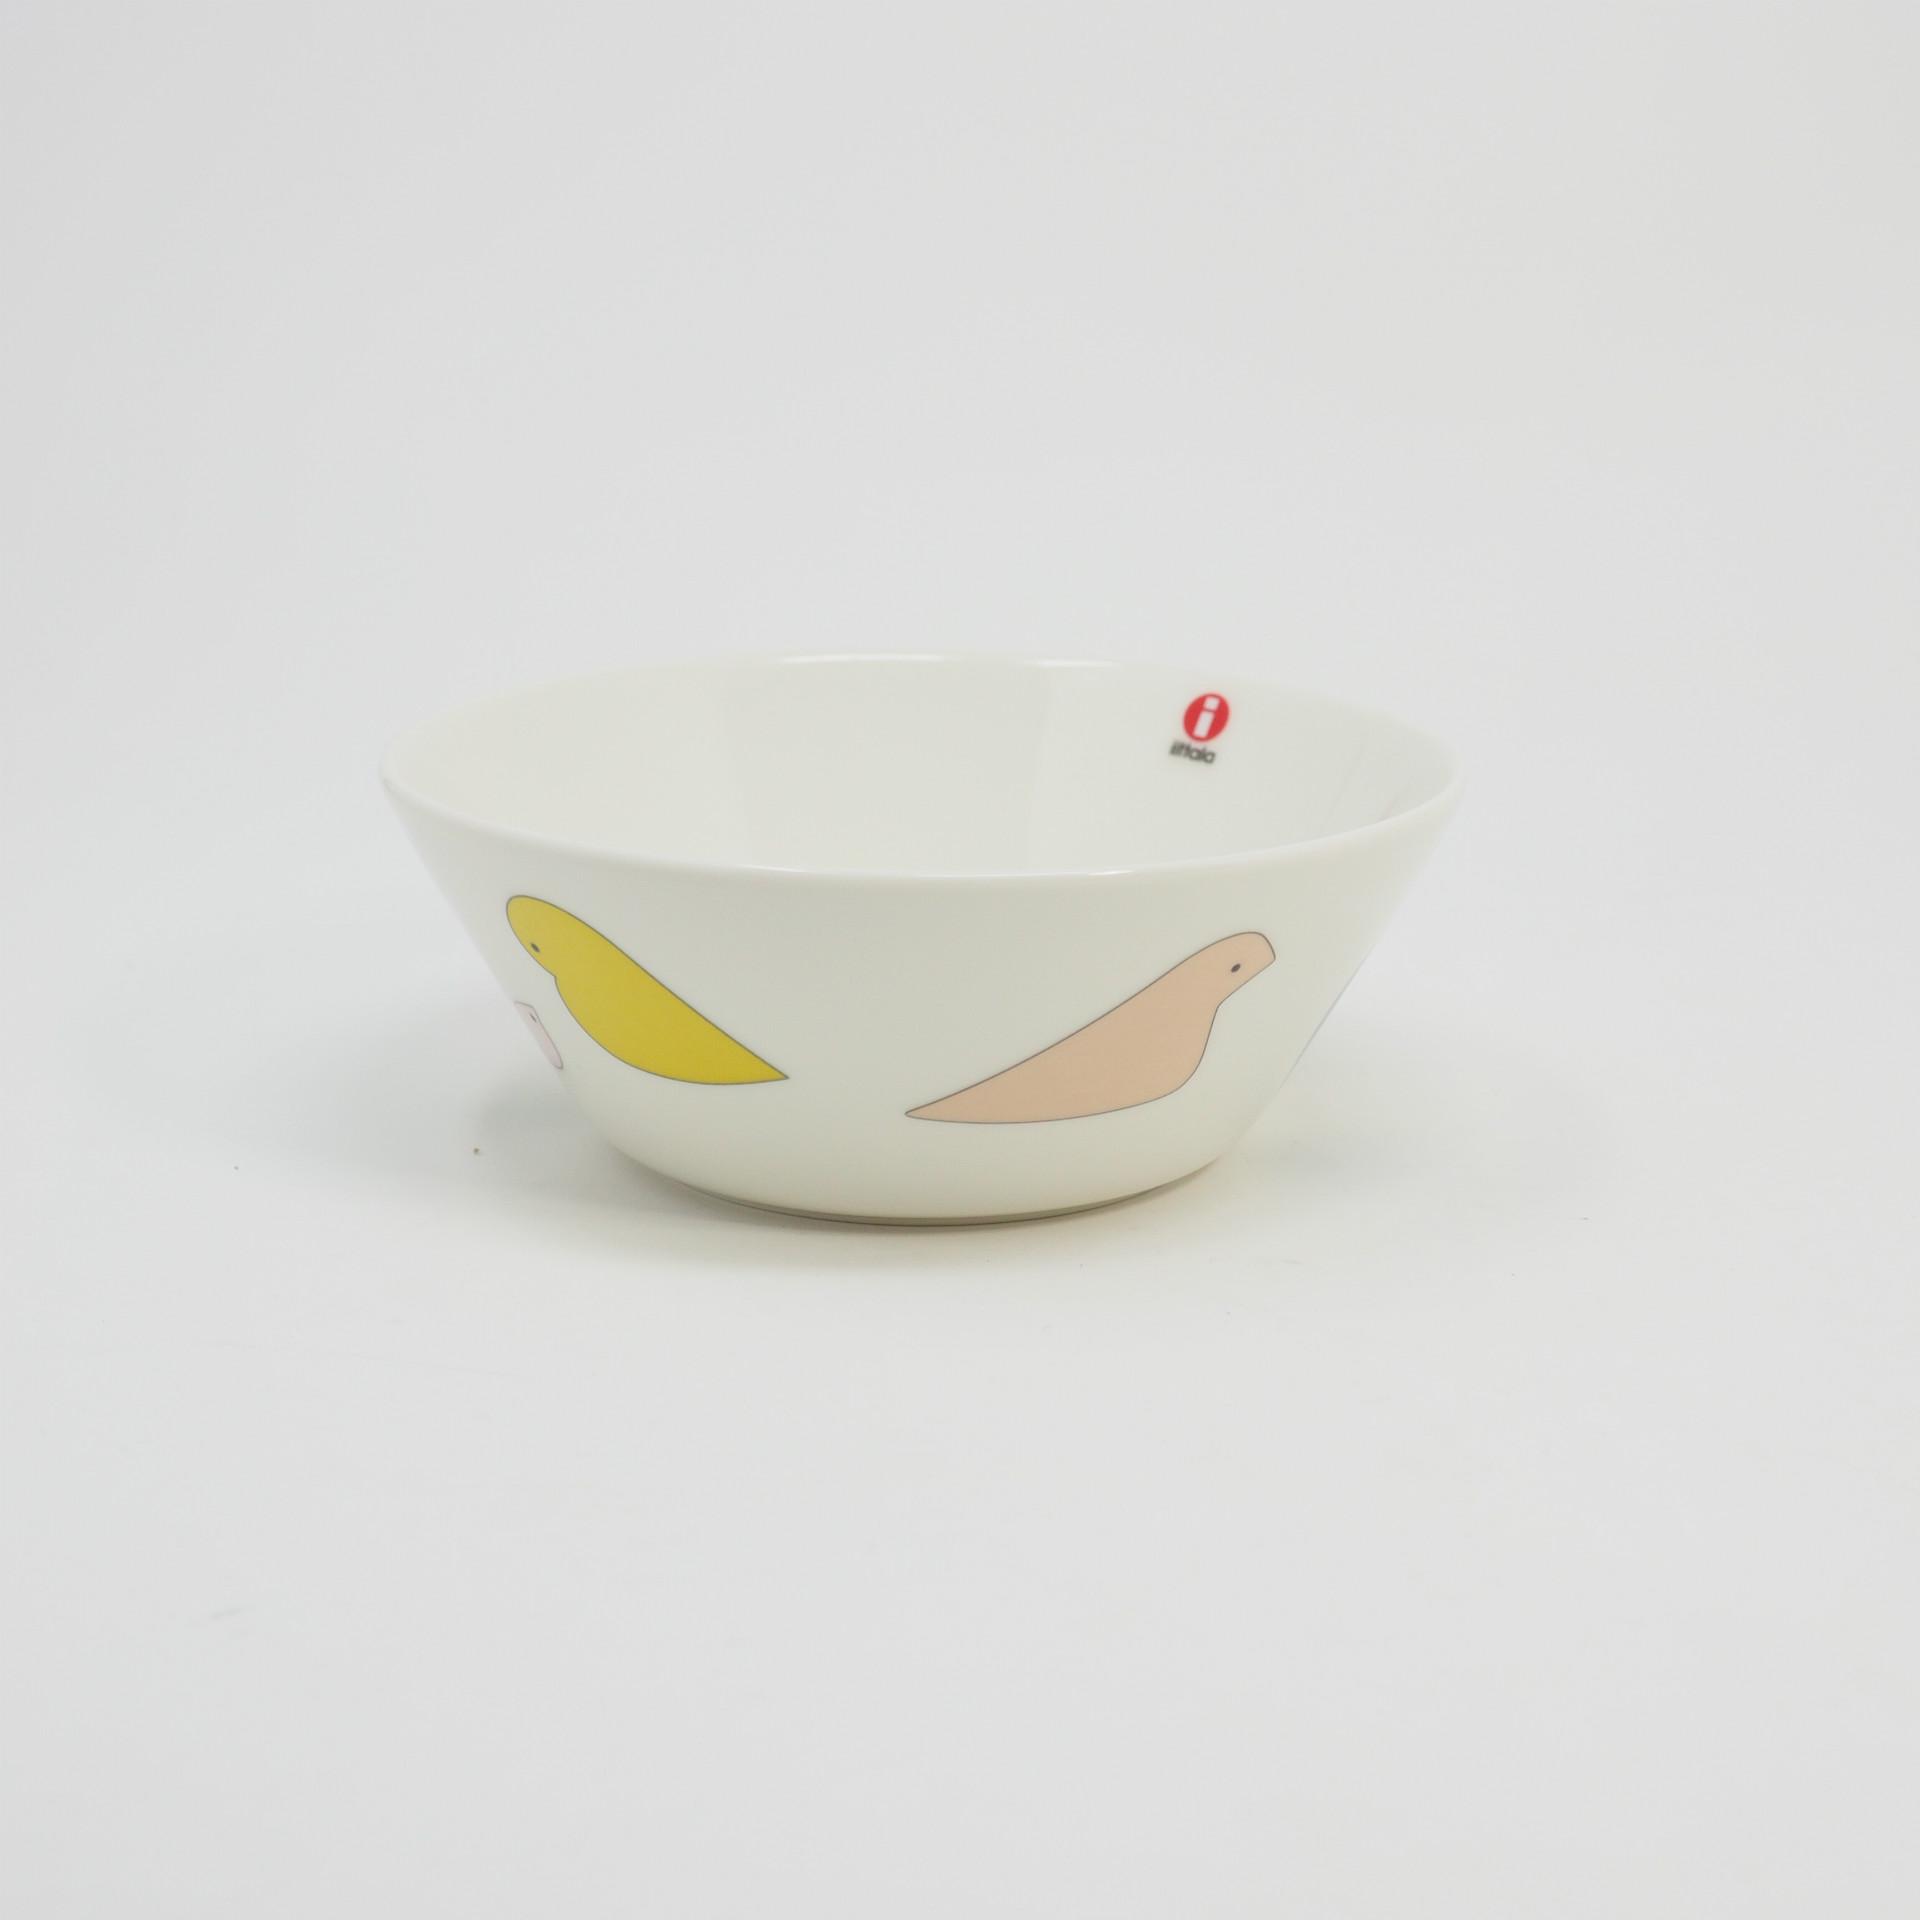 ボウル15cm バード(イッタラ × ミナ ペルホンネン)